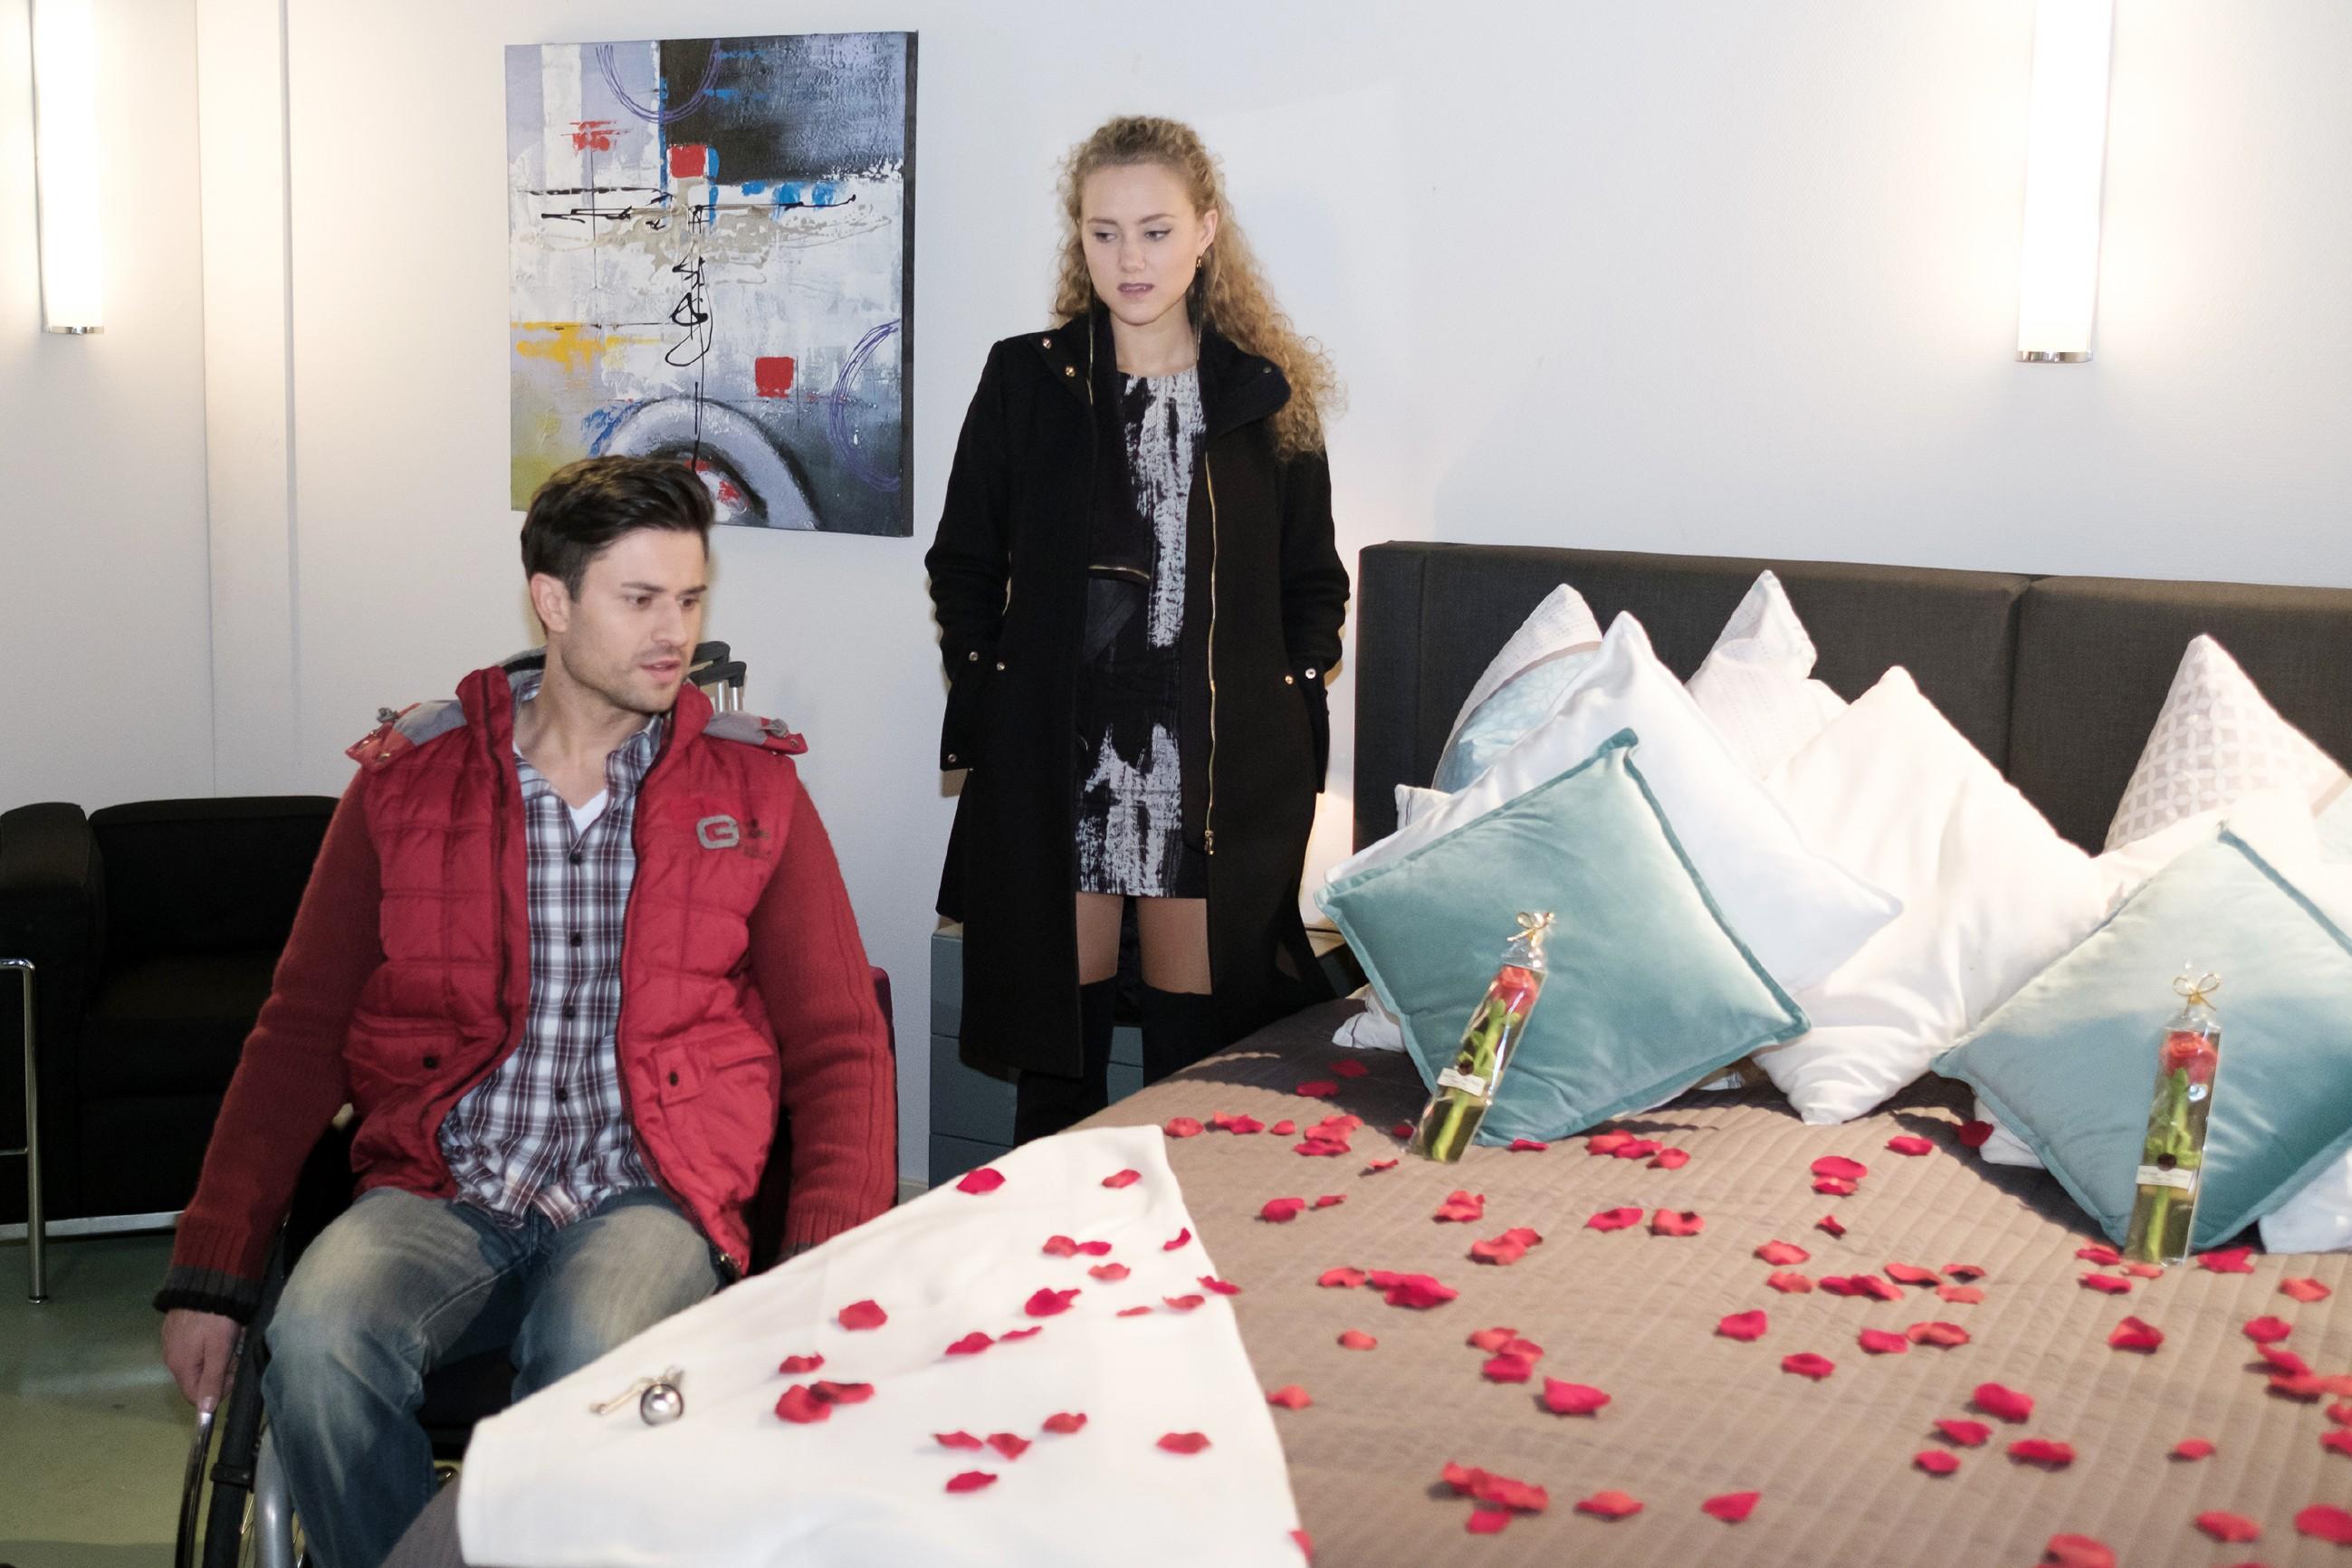 Paco (Milos Vukovic) und KayC (Pauline Angert) haben ihre einwöchige Werbetour angetreten und richten sich notgedrungen auf eine gemeinsame Nacht ein. (Quelle: RTL / Stefan Behrens)